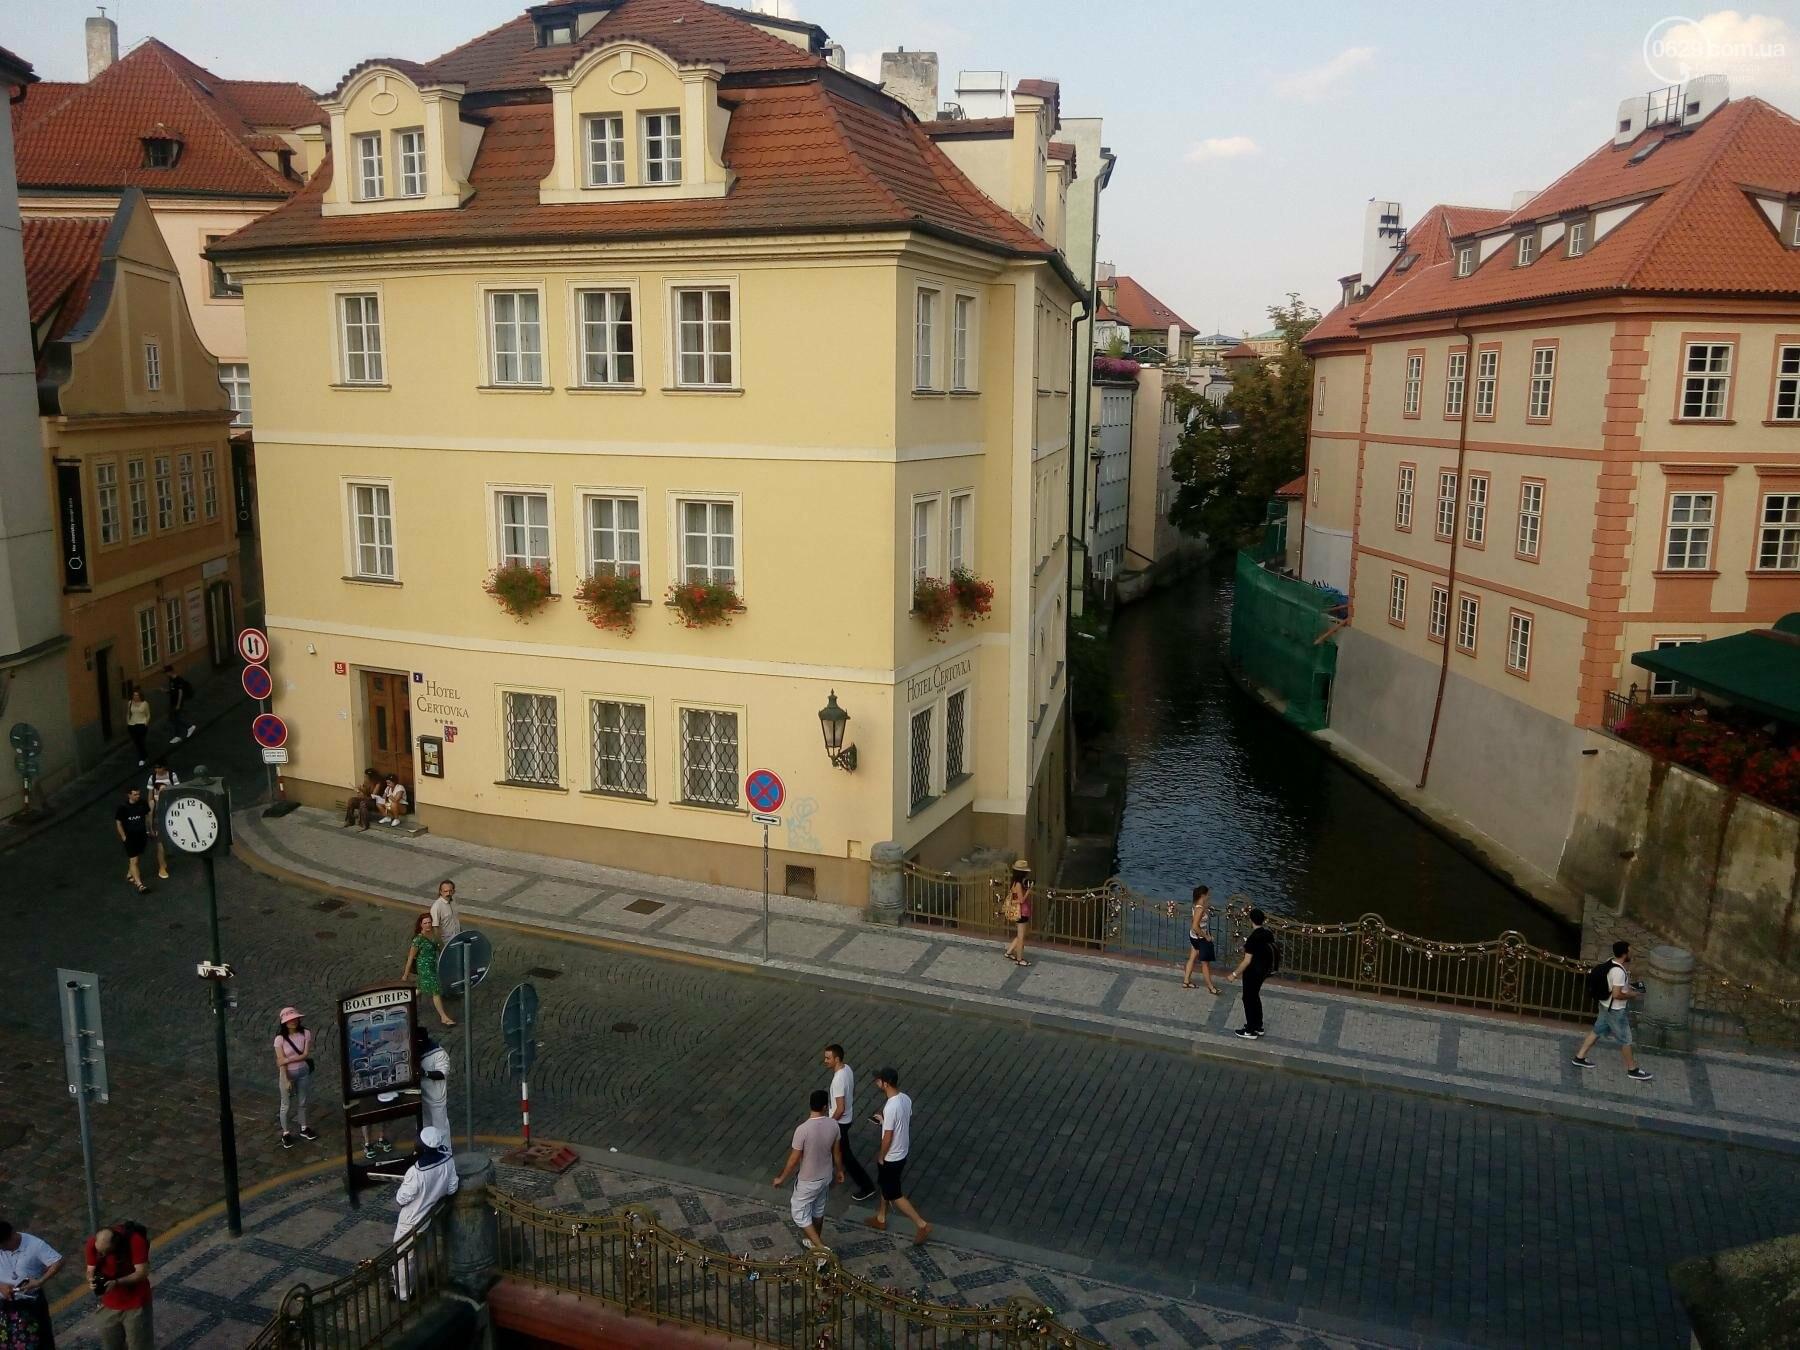 Город красных крыш. Как мариупольцам добраться в Прагу, что посмотреть, и сколько для этого нужно денег (ФОТО), фото-4